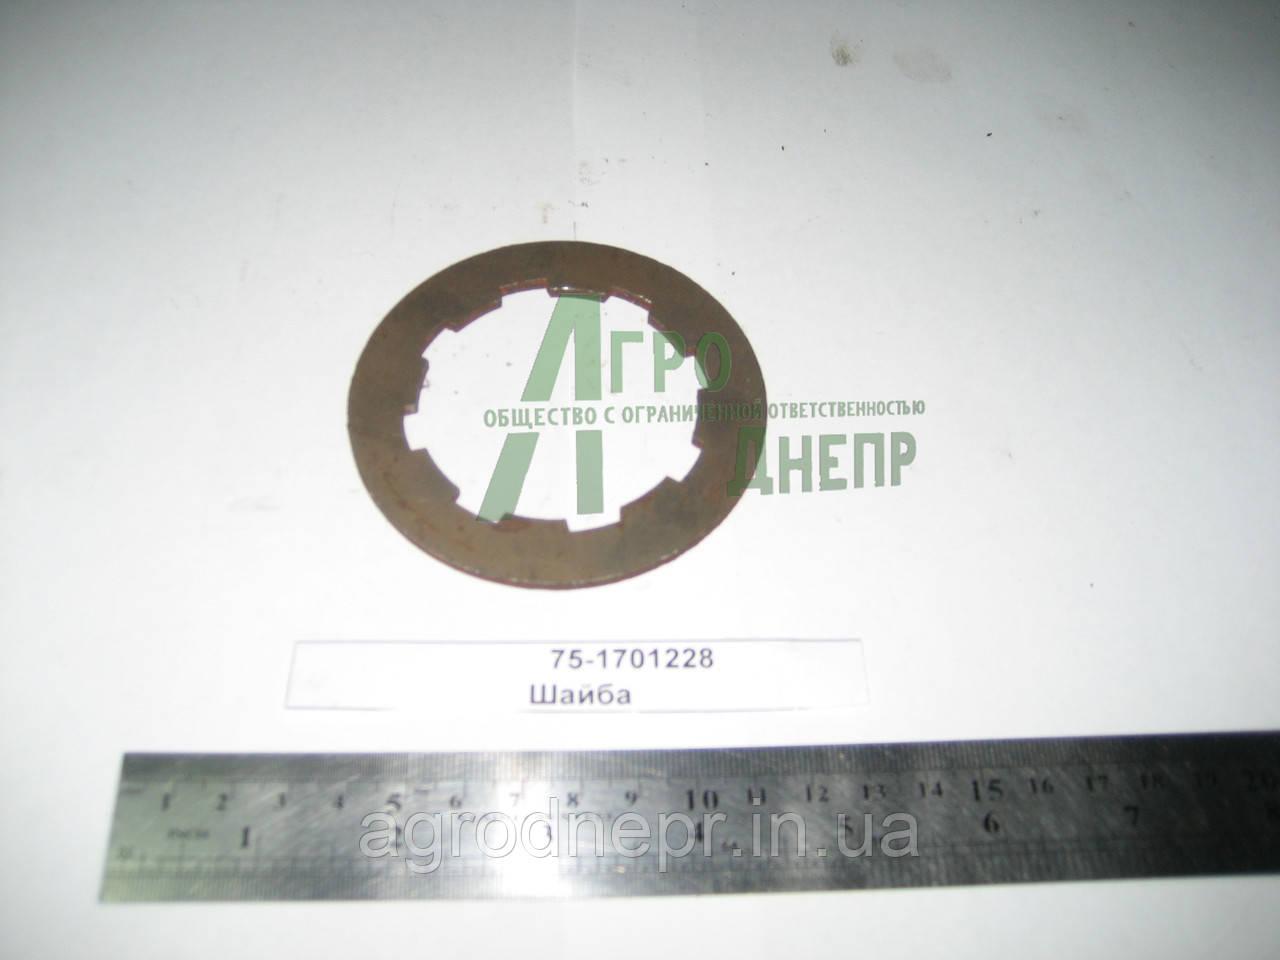 Кольцо синхронизированной КПП ЮМЗ 75-1701288